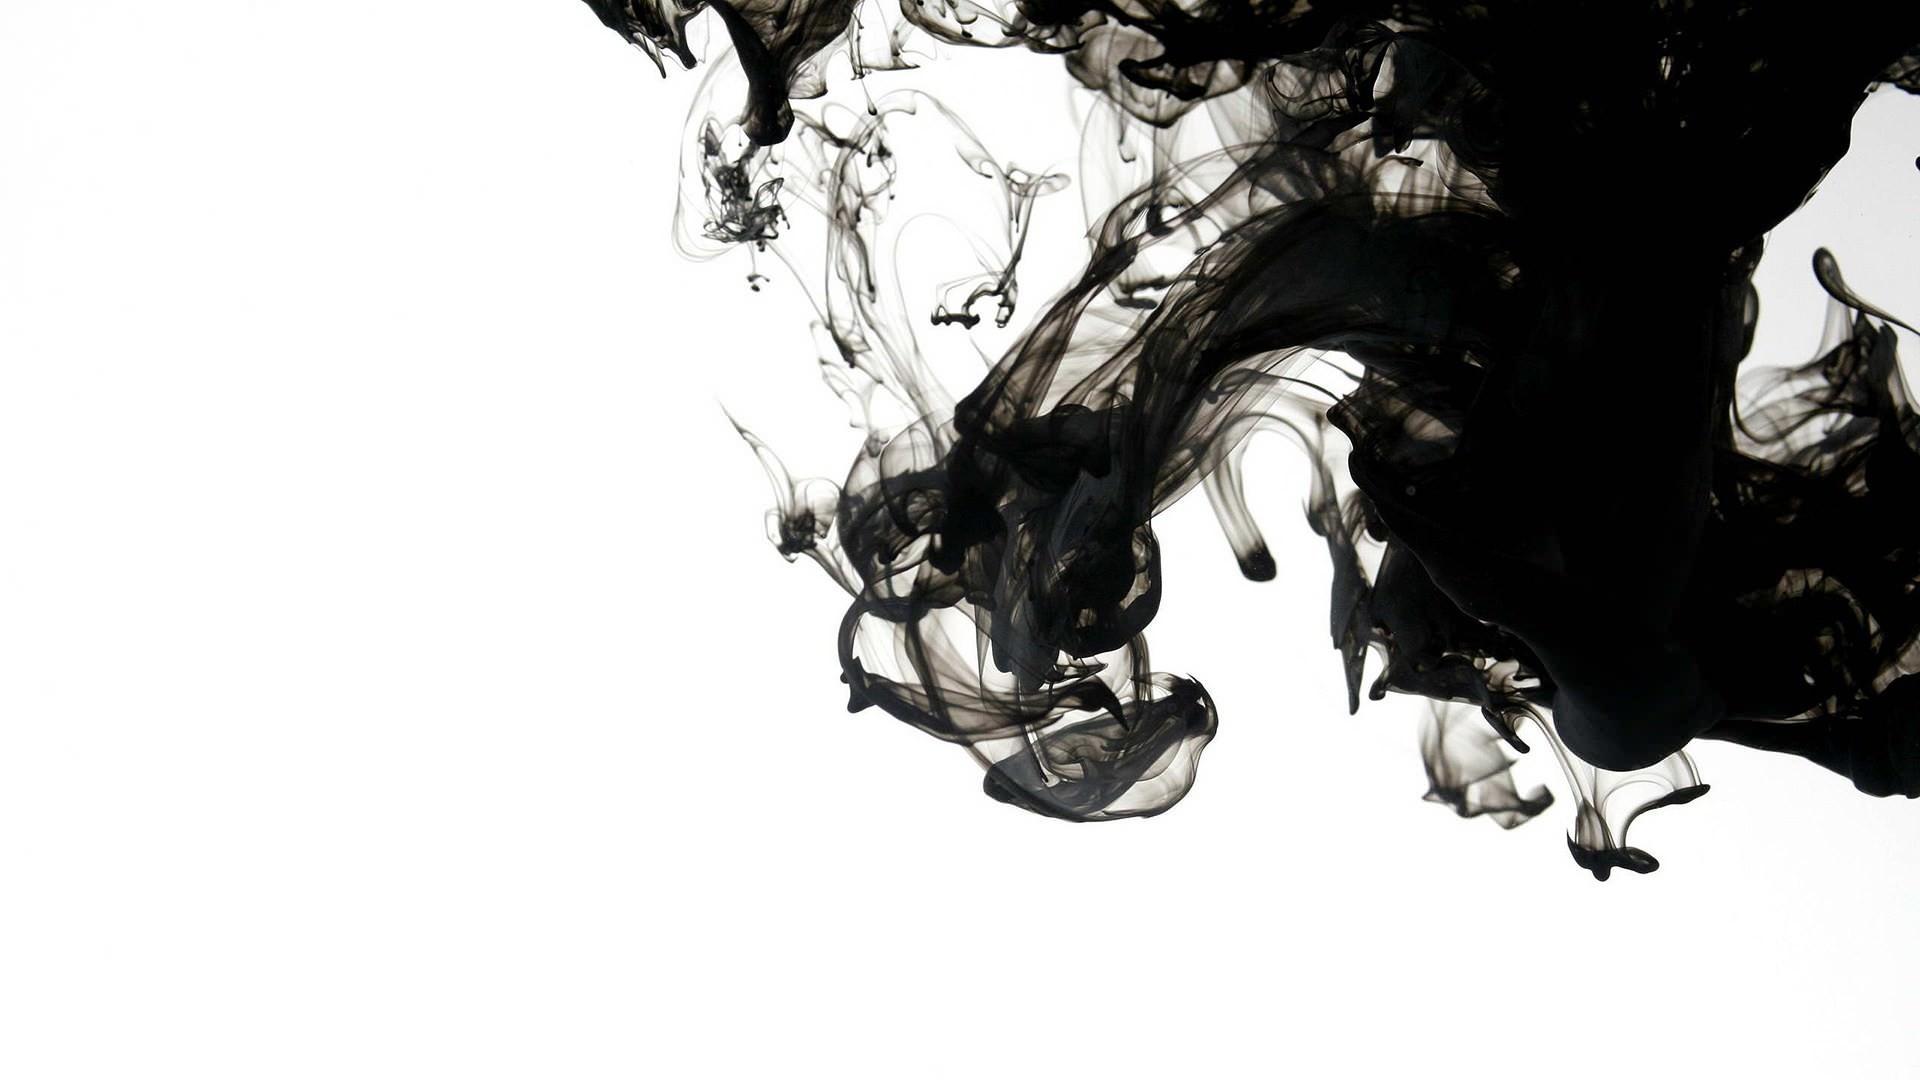 48 Beautiful Abstract Hd Wallpapers 1080p Webrfree